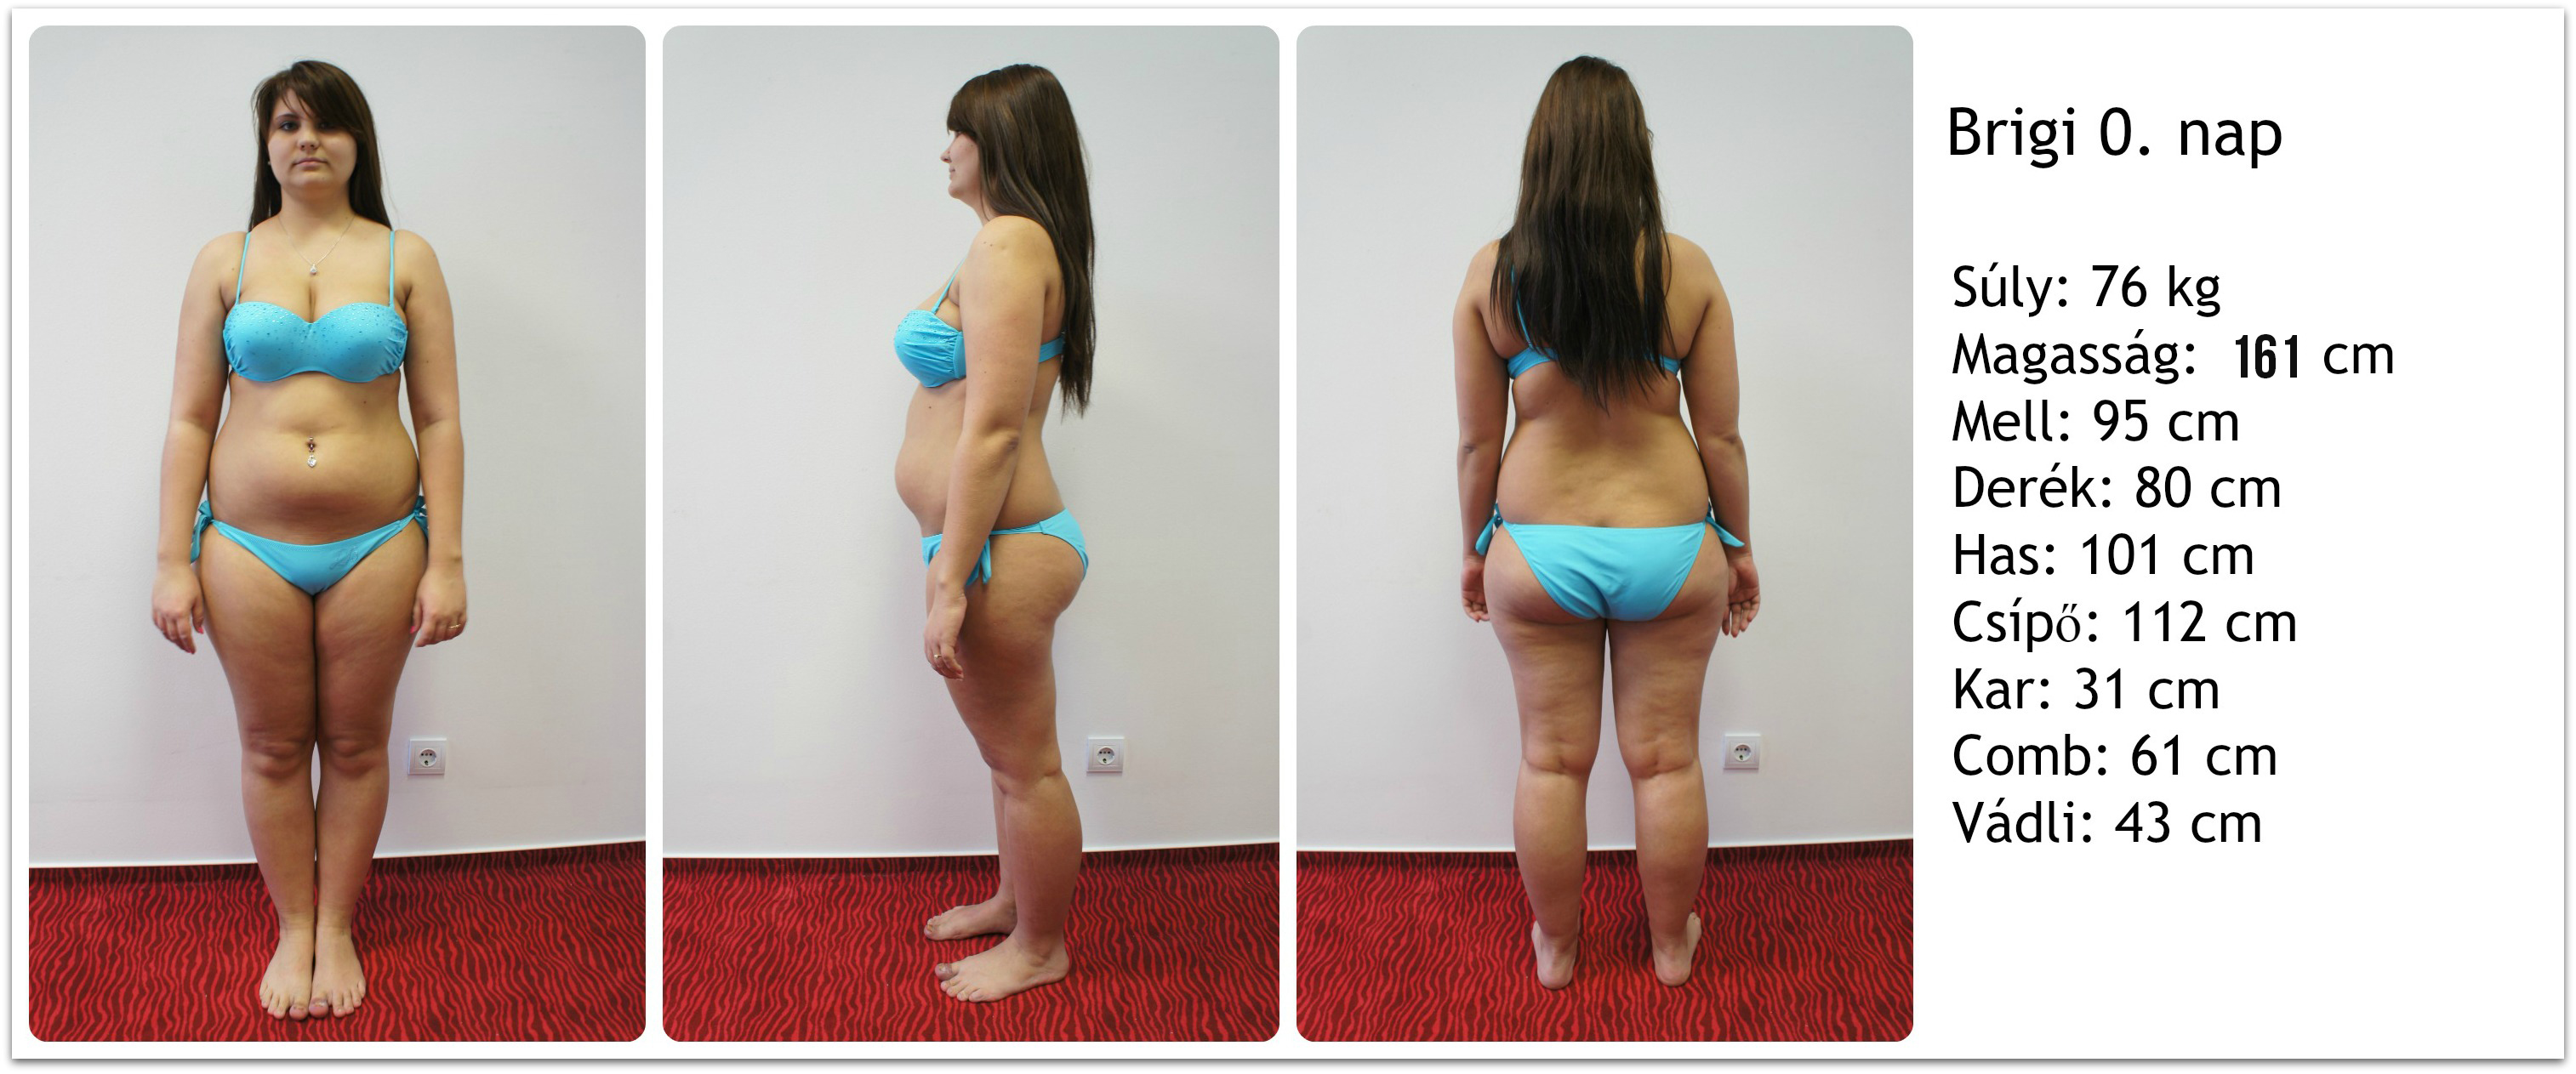 10 kg súly veszteség egy hónap alatt